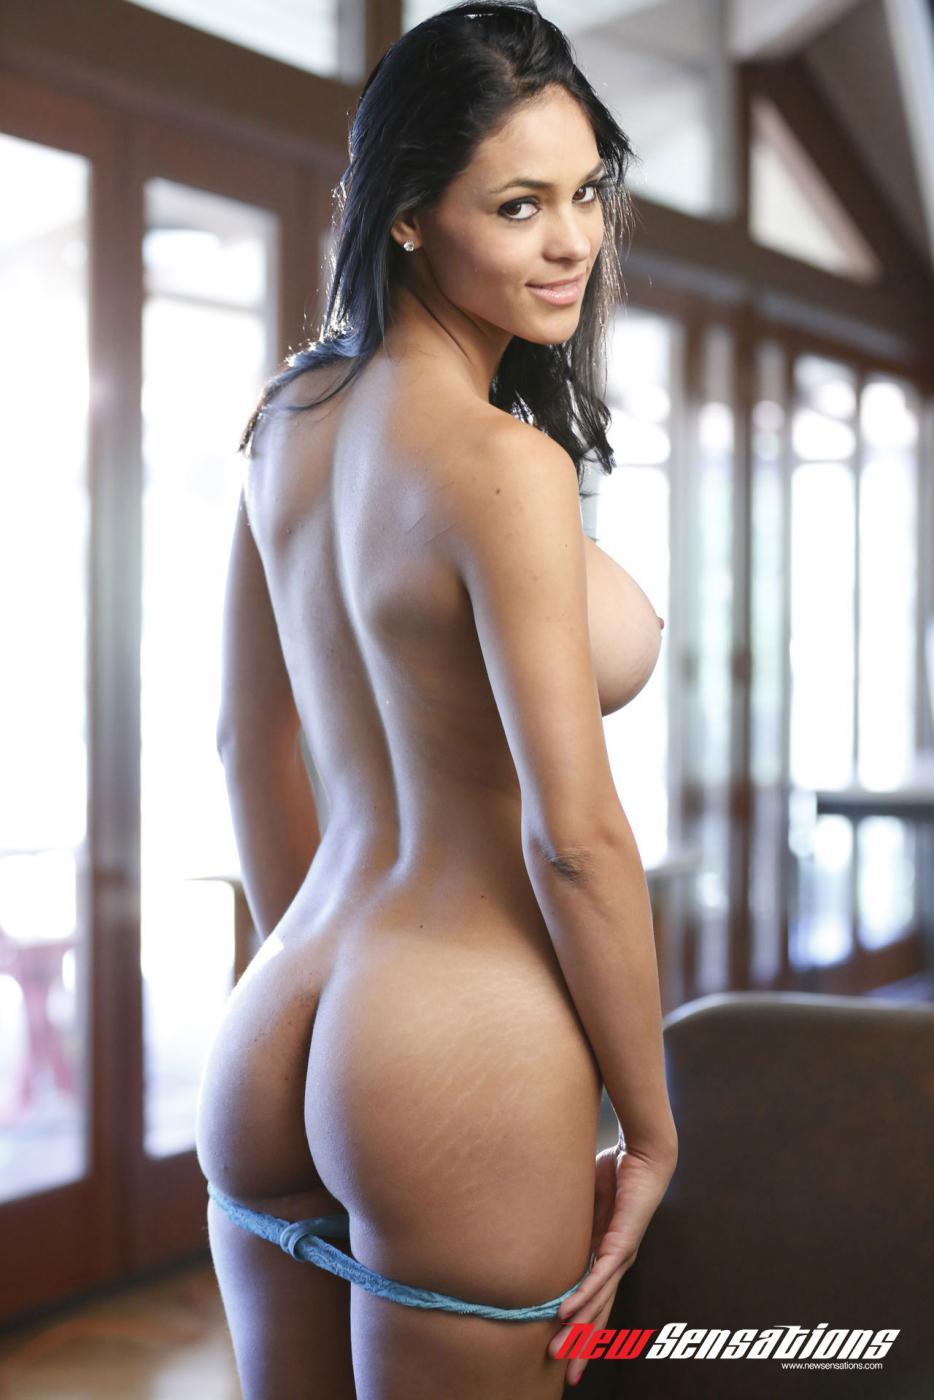 Мулатка с крупными грудями Jasmine Caro удовлетворяет снаряд